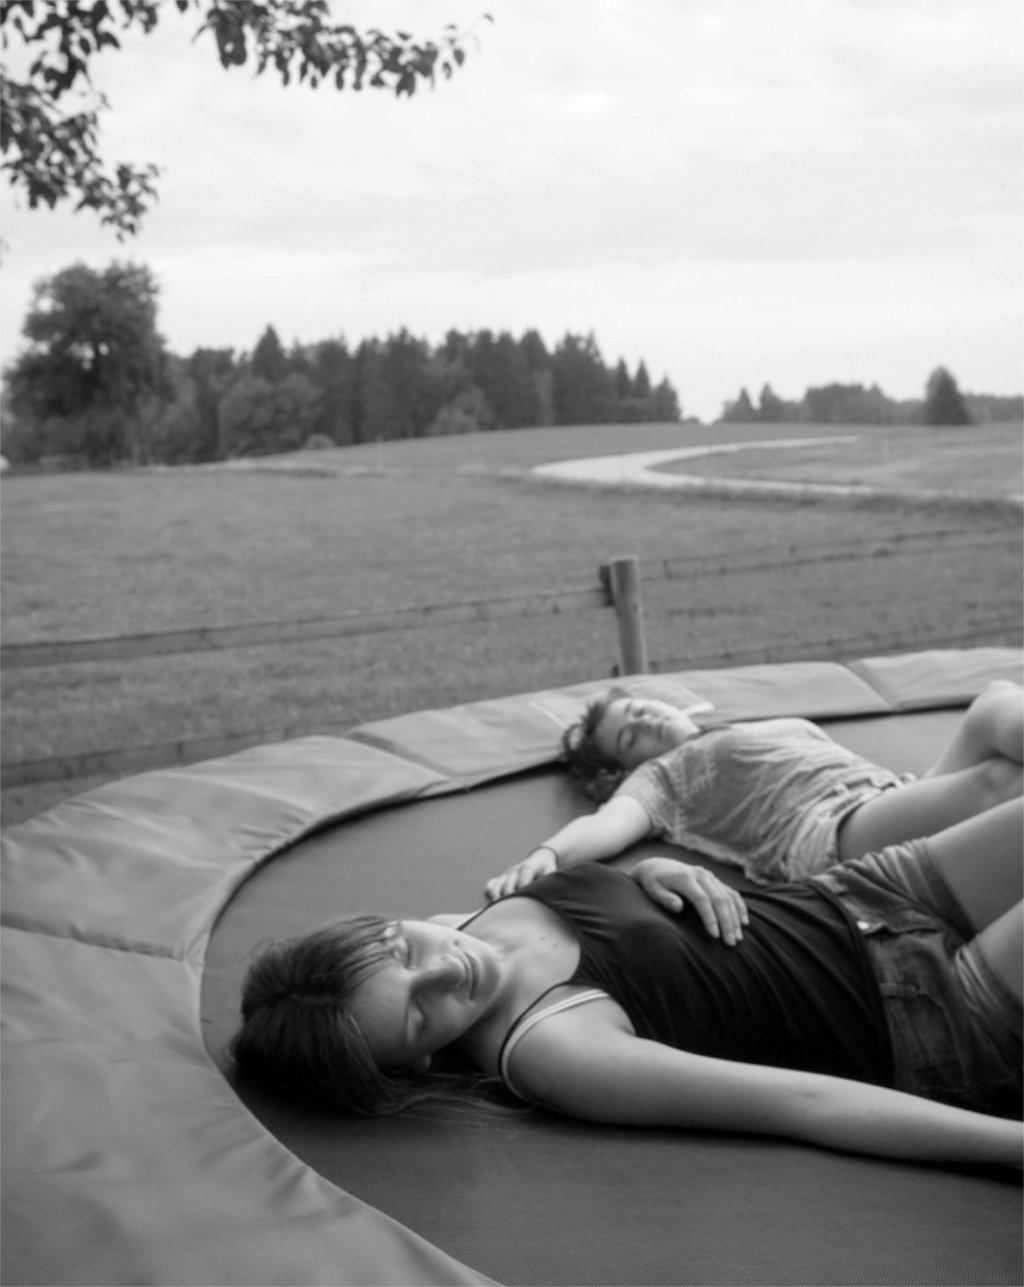 Vertraut euch: Zwei Mädchen liegen entspannt auf einem Trampolin. Symbolbild. Wer sich für vertrauenswürdig hält, dem wird auch eher Vertrauen entgegengebracht. In: Prinzip Apfelbaum. Magazin über das, was bleibt. Foto: bit.it/photocase.de